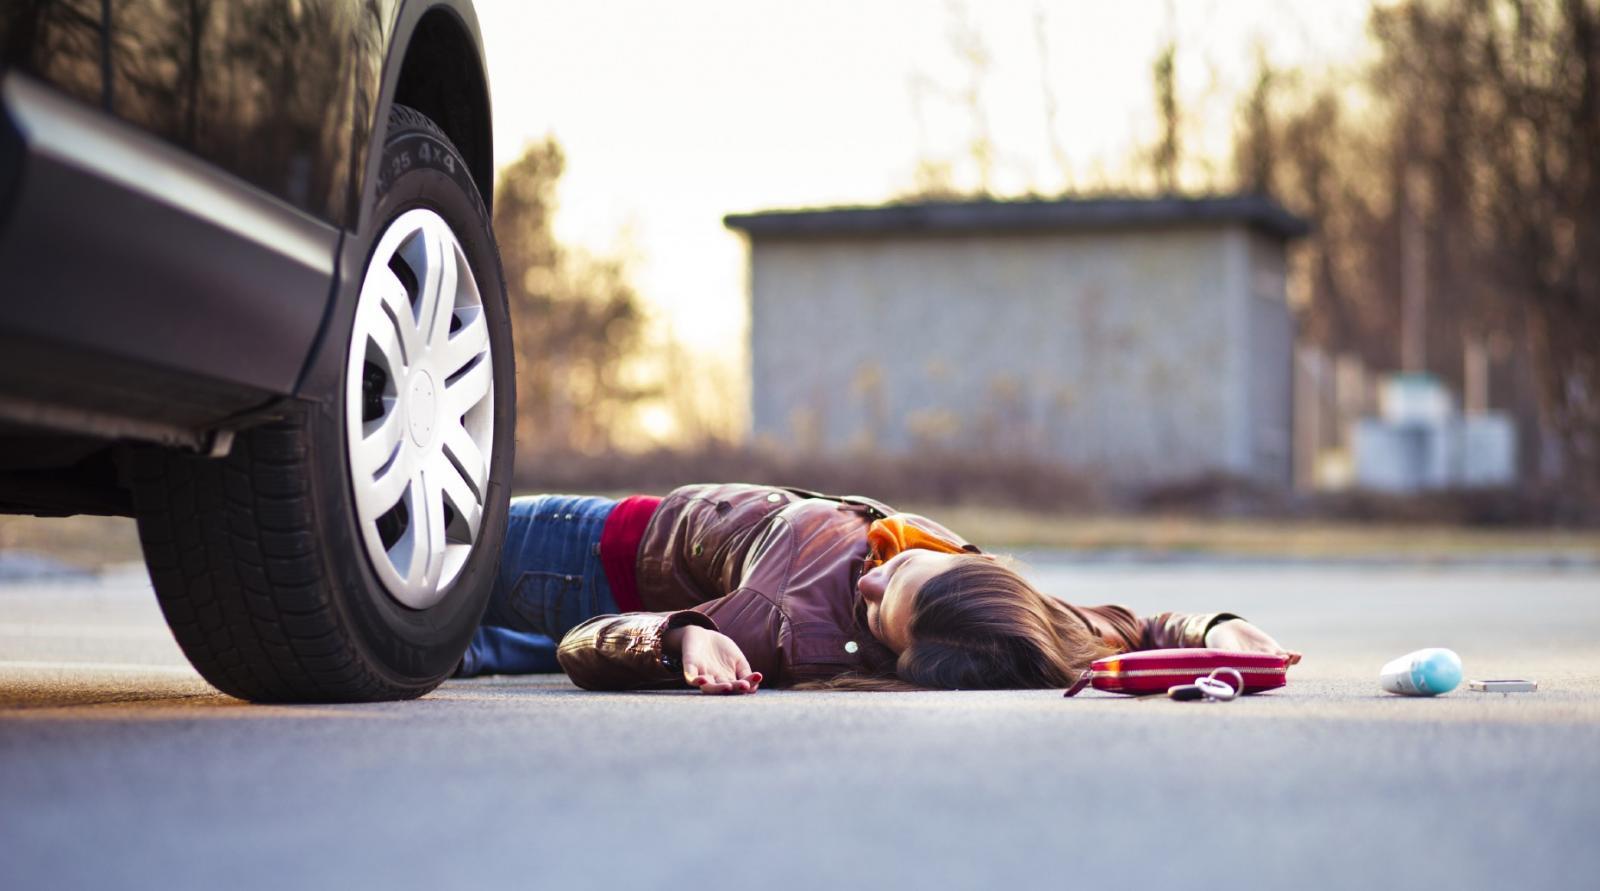 В Клинцовском районе сбили девушку 17-ти лет